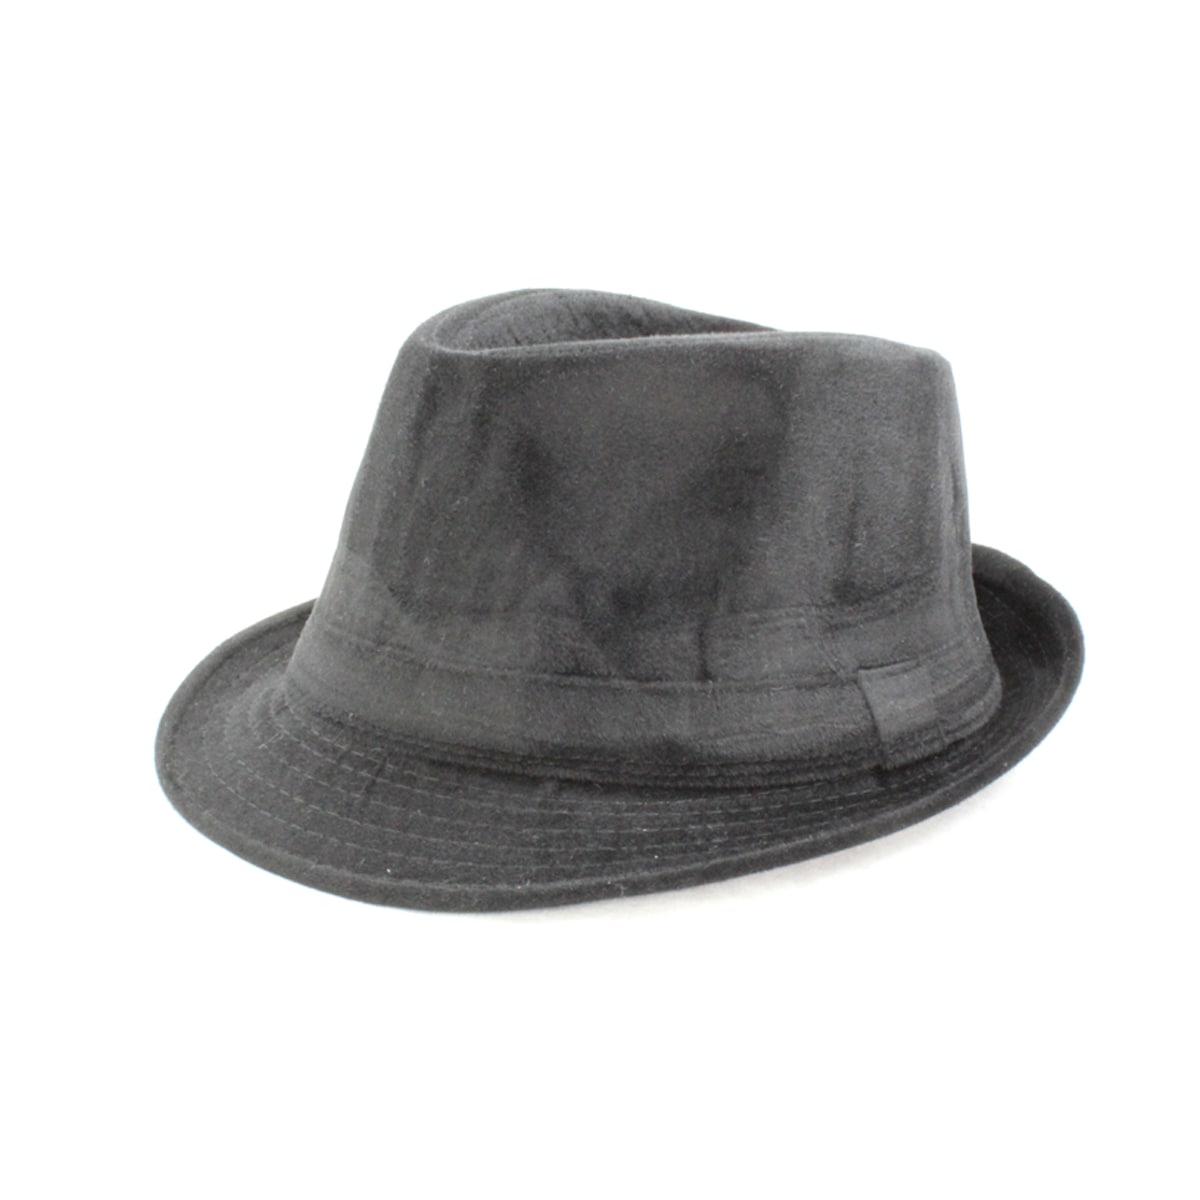 Faddism Dark Grey Banded Fedora Hat